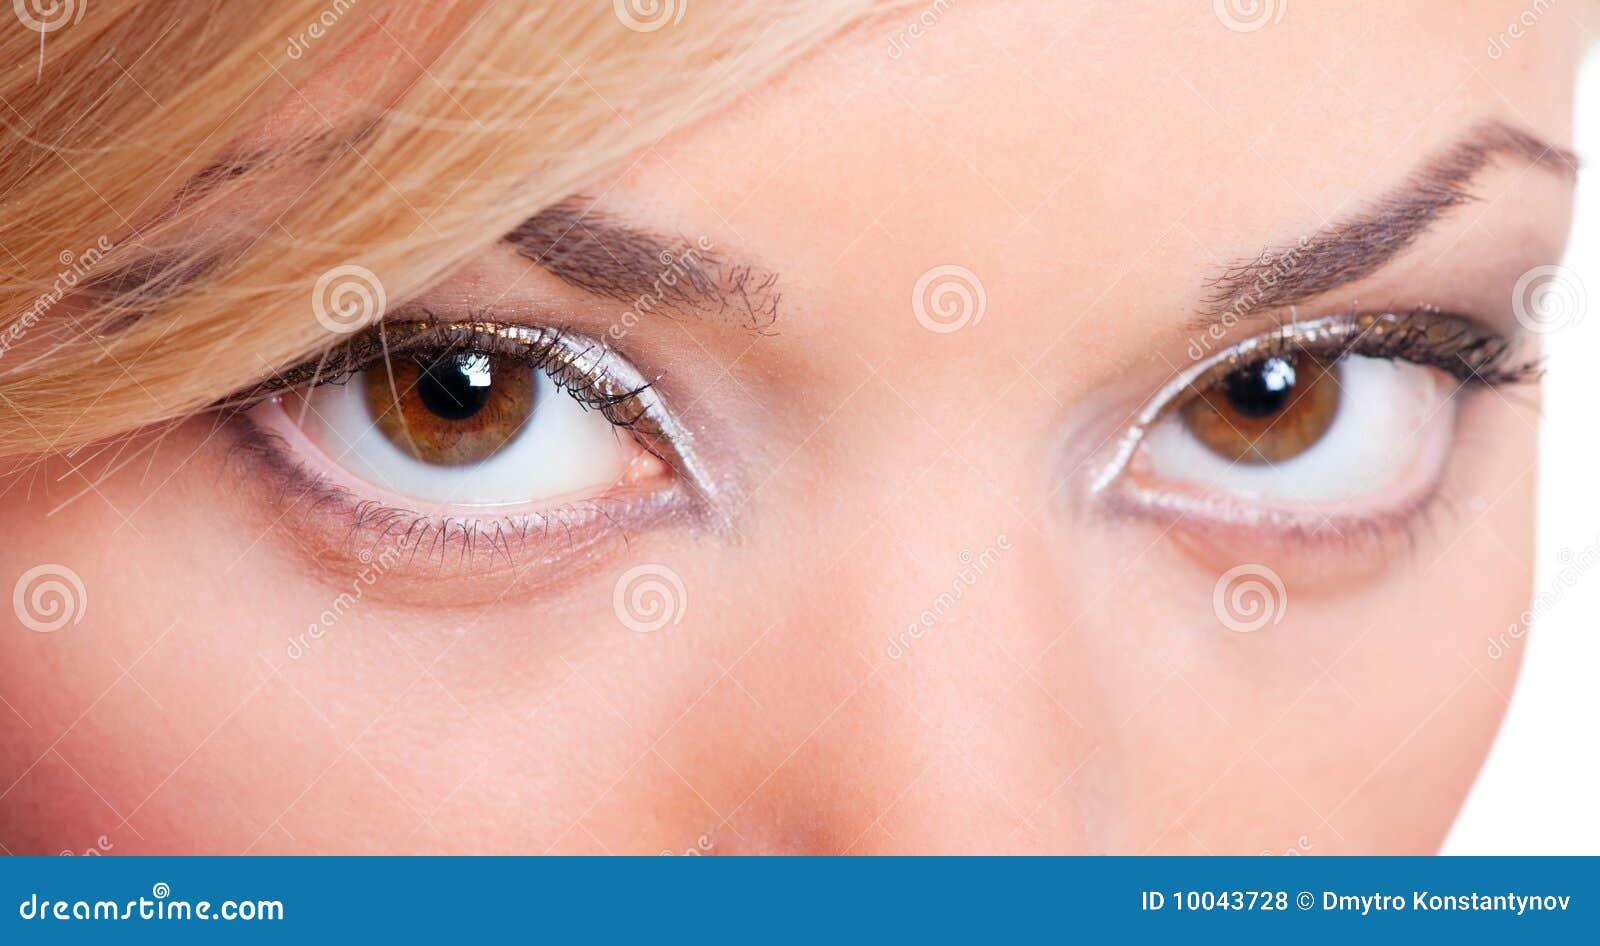 Ritratto del primo piano degli occhi femminili fotografia for Piani principali del primo piano